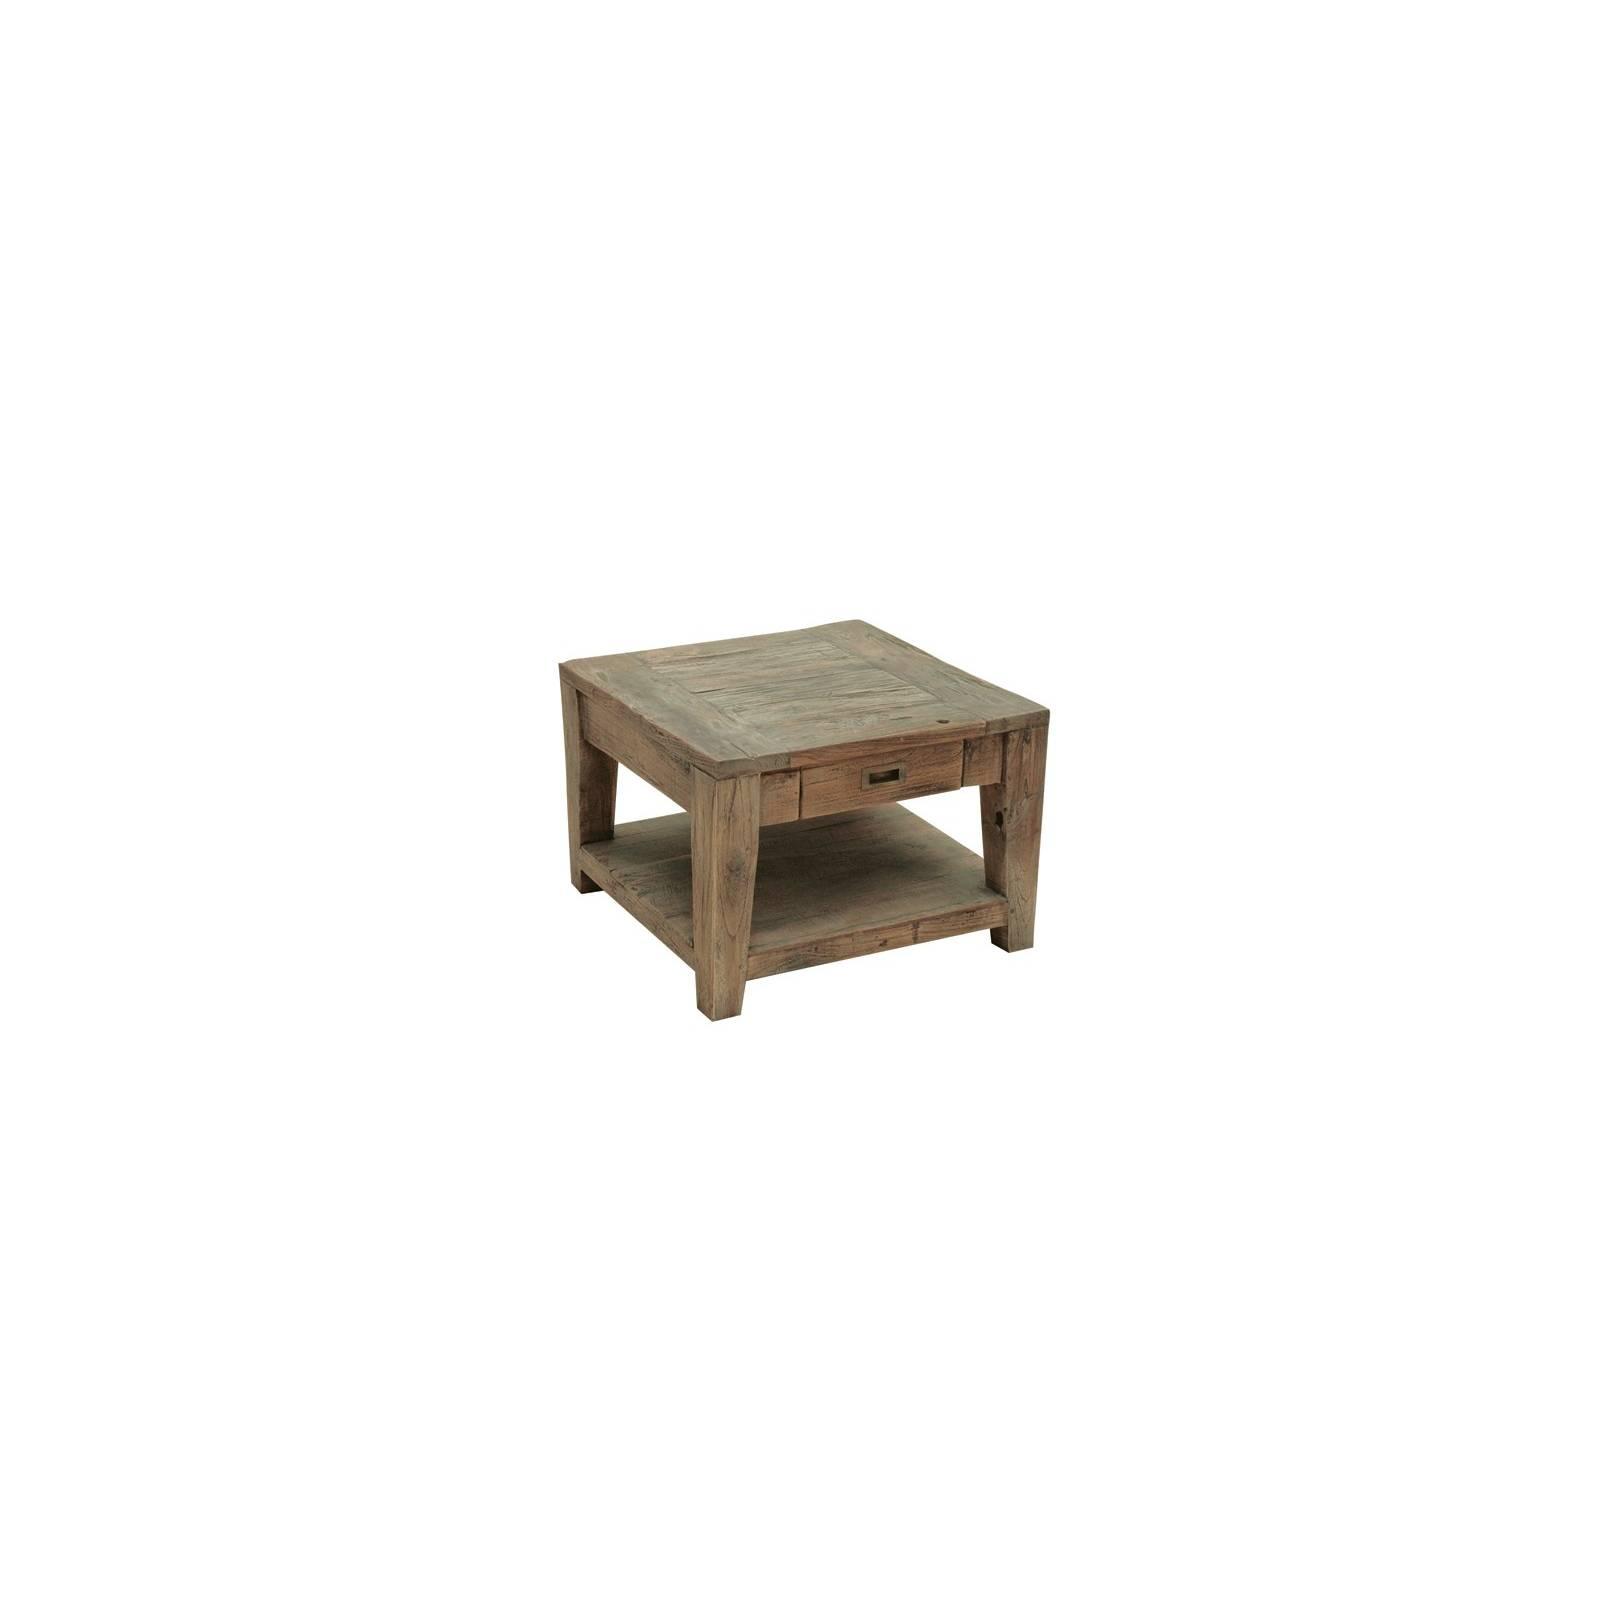 Bout De Canapé Félix Teck Recyclé - meuble bois massif